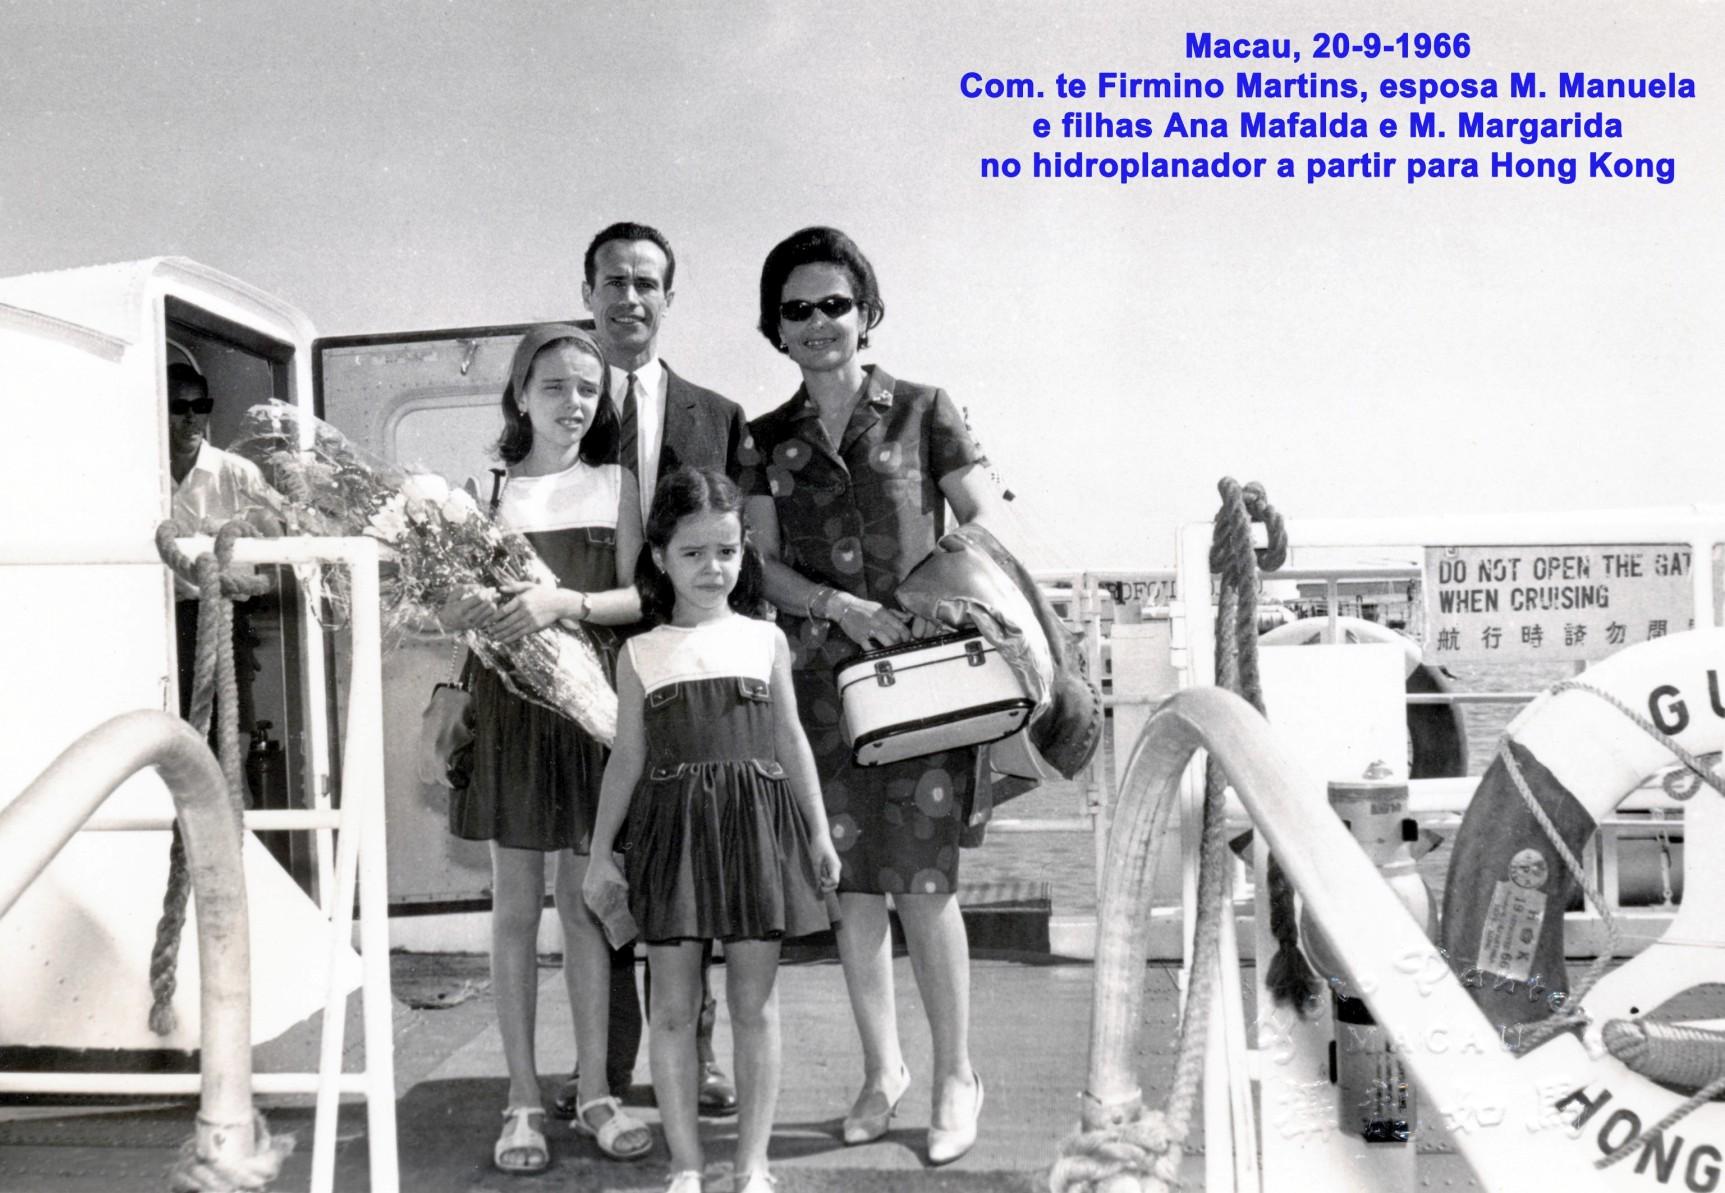 028 66-09-20 Firmino Martins e família no hidroplanador